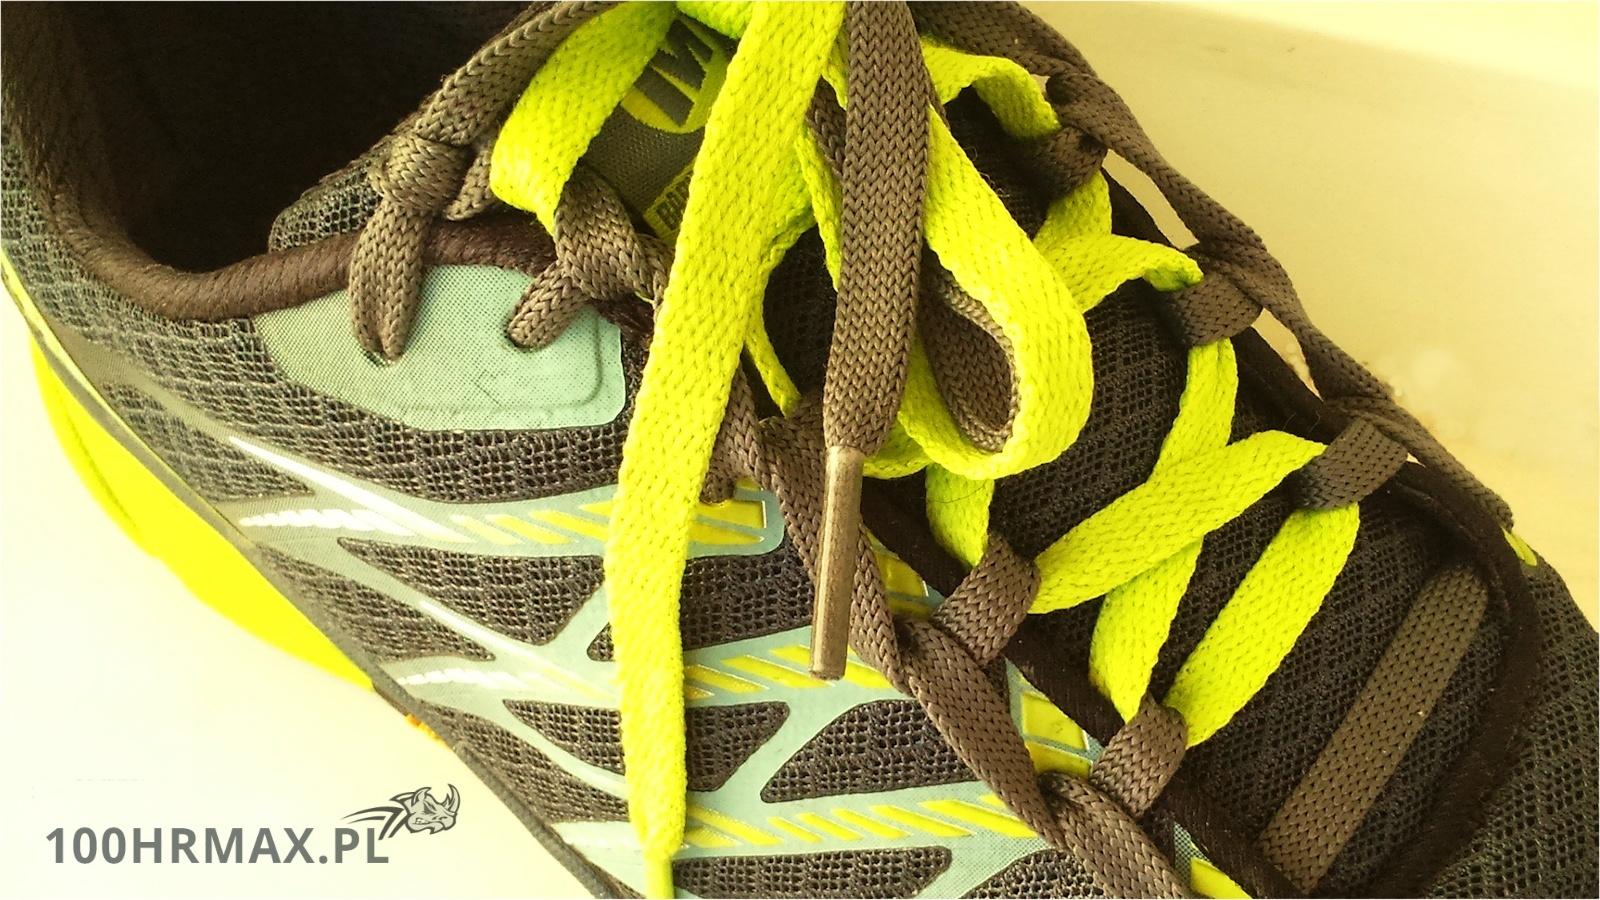 Merrell Bare Access Ultra - sznurowanie butów do biegania